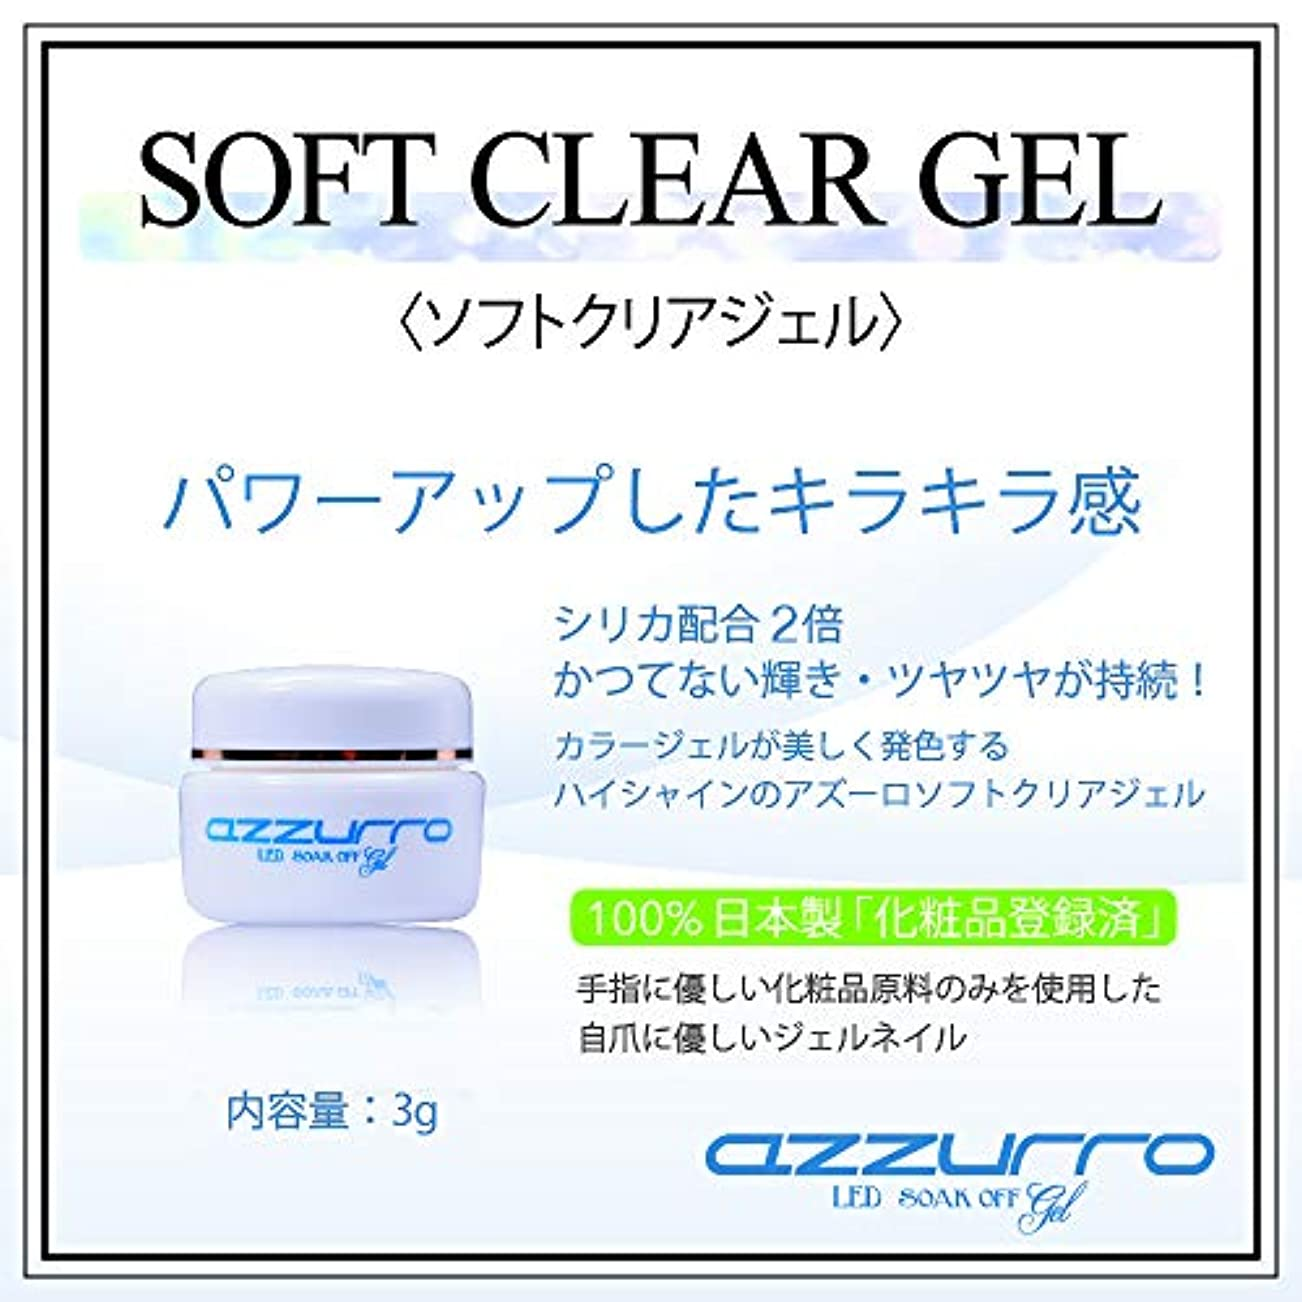 テレマコスリダクター分子azzurro gel アッズーロ ソフトクリアージェル ツヤツヤ キラキラ感持続 抜群のツヤ 爪に優しい日本製 3g